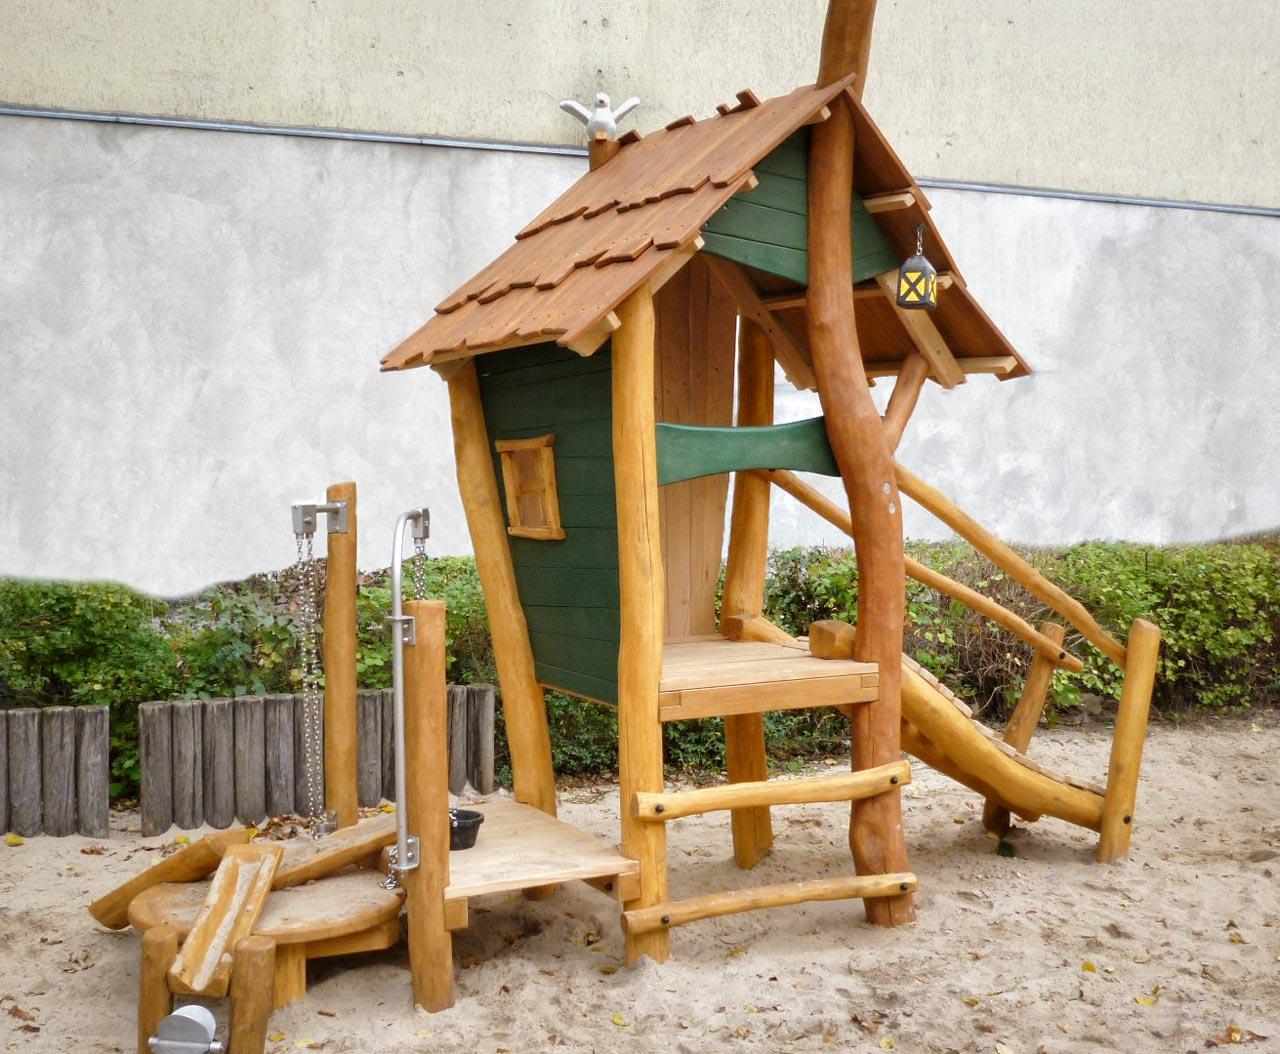 C 164 Spielhaus Waldhütte mit Sandspiel Robinie